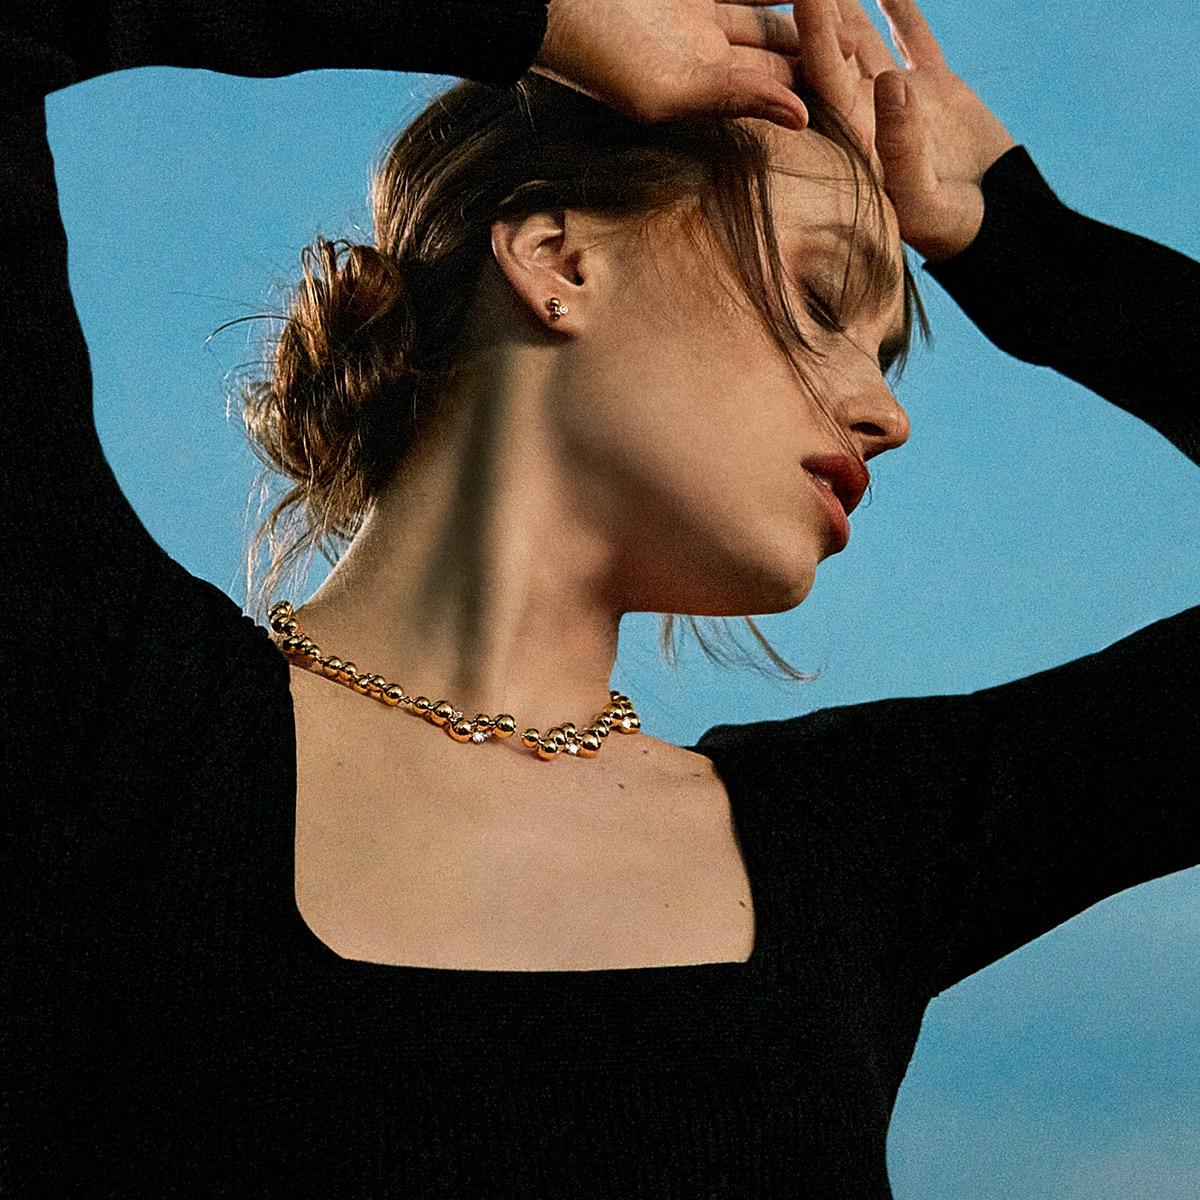 MOONLIGHT GRAPES earrings